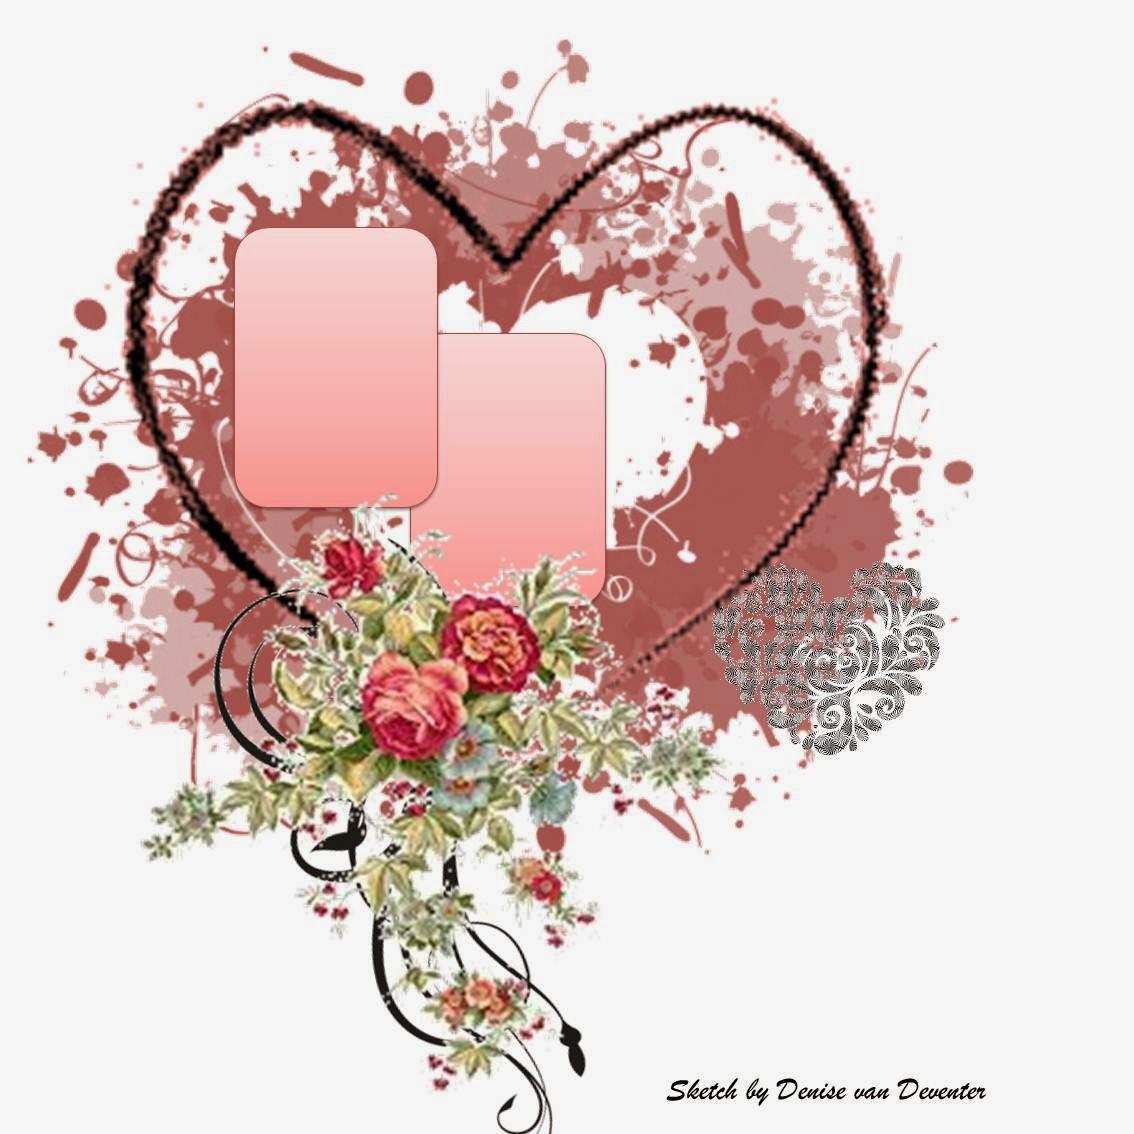 http://scrapafrica.blogspot.com.au/